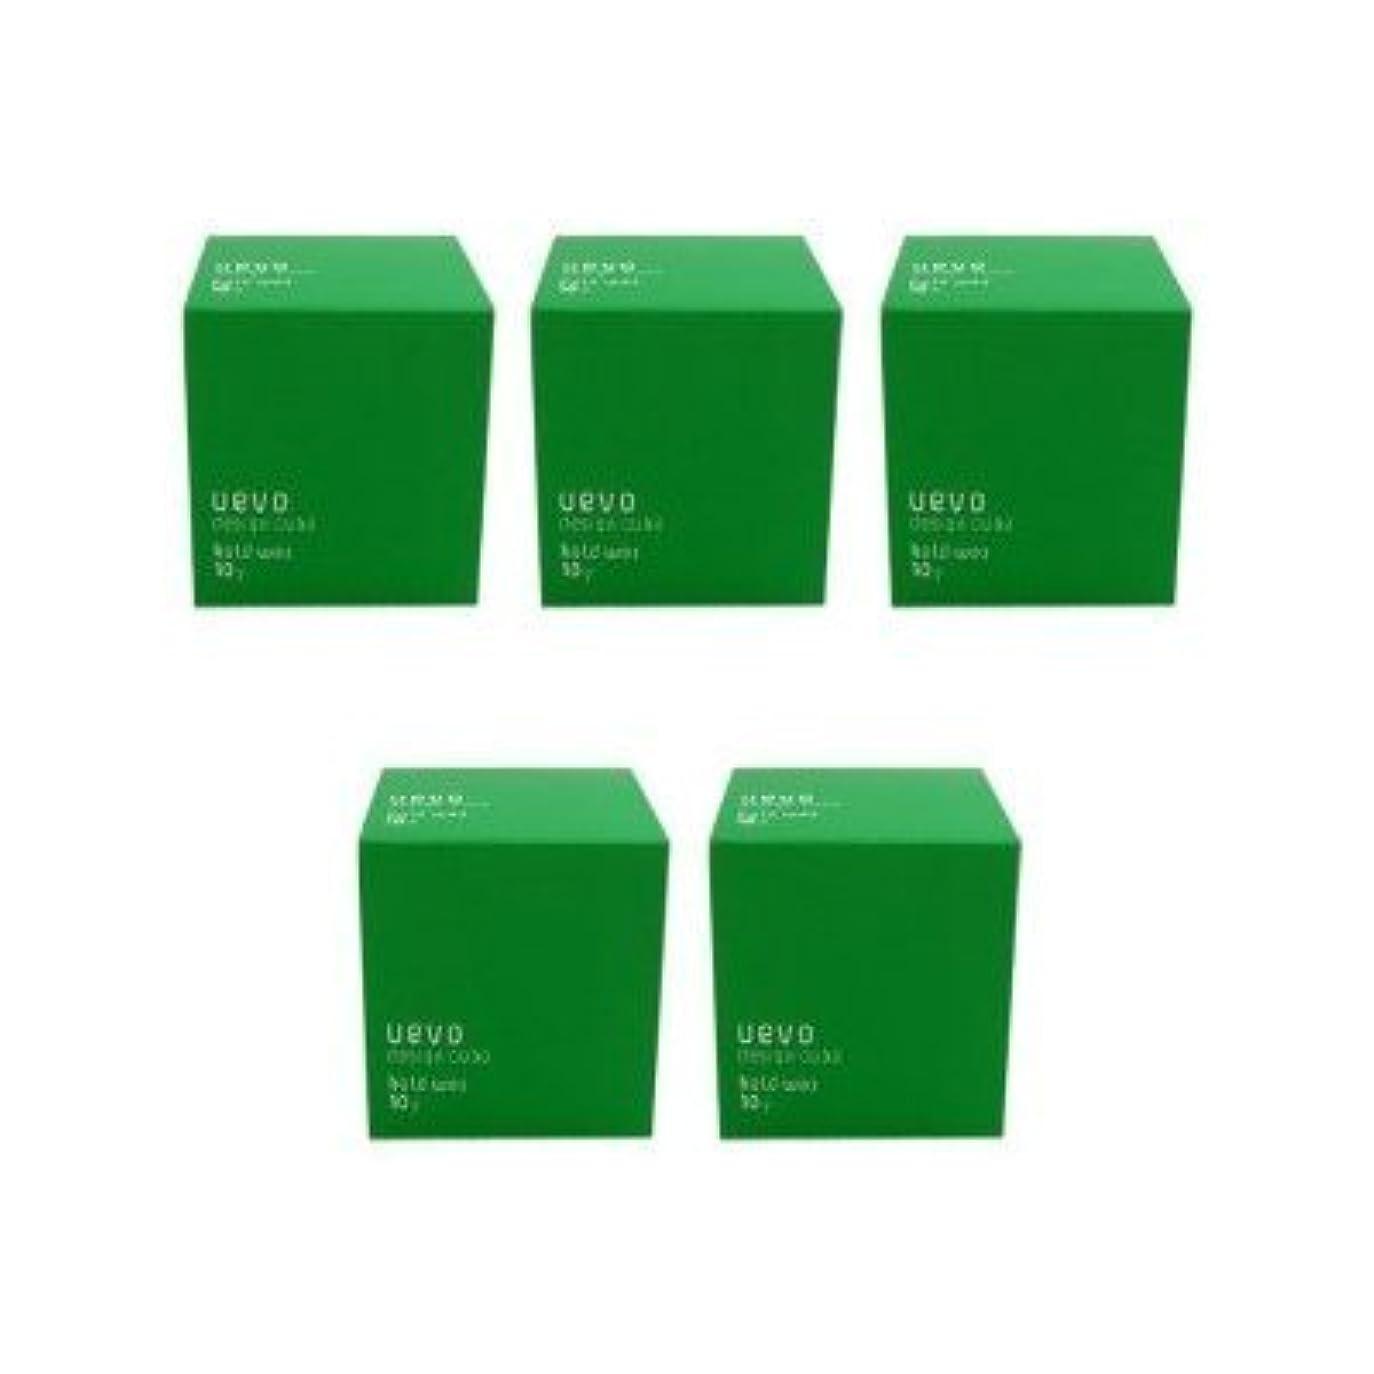 黒くする市民チーム【X5個セット】 デミ ウェーボ デザインキューブ ホールドワックス 80g hold wax DEMI uevo design cube